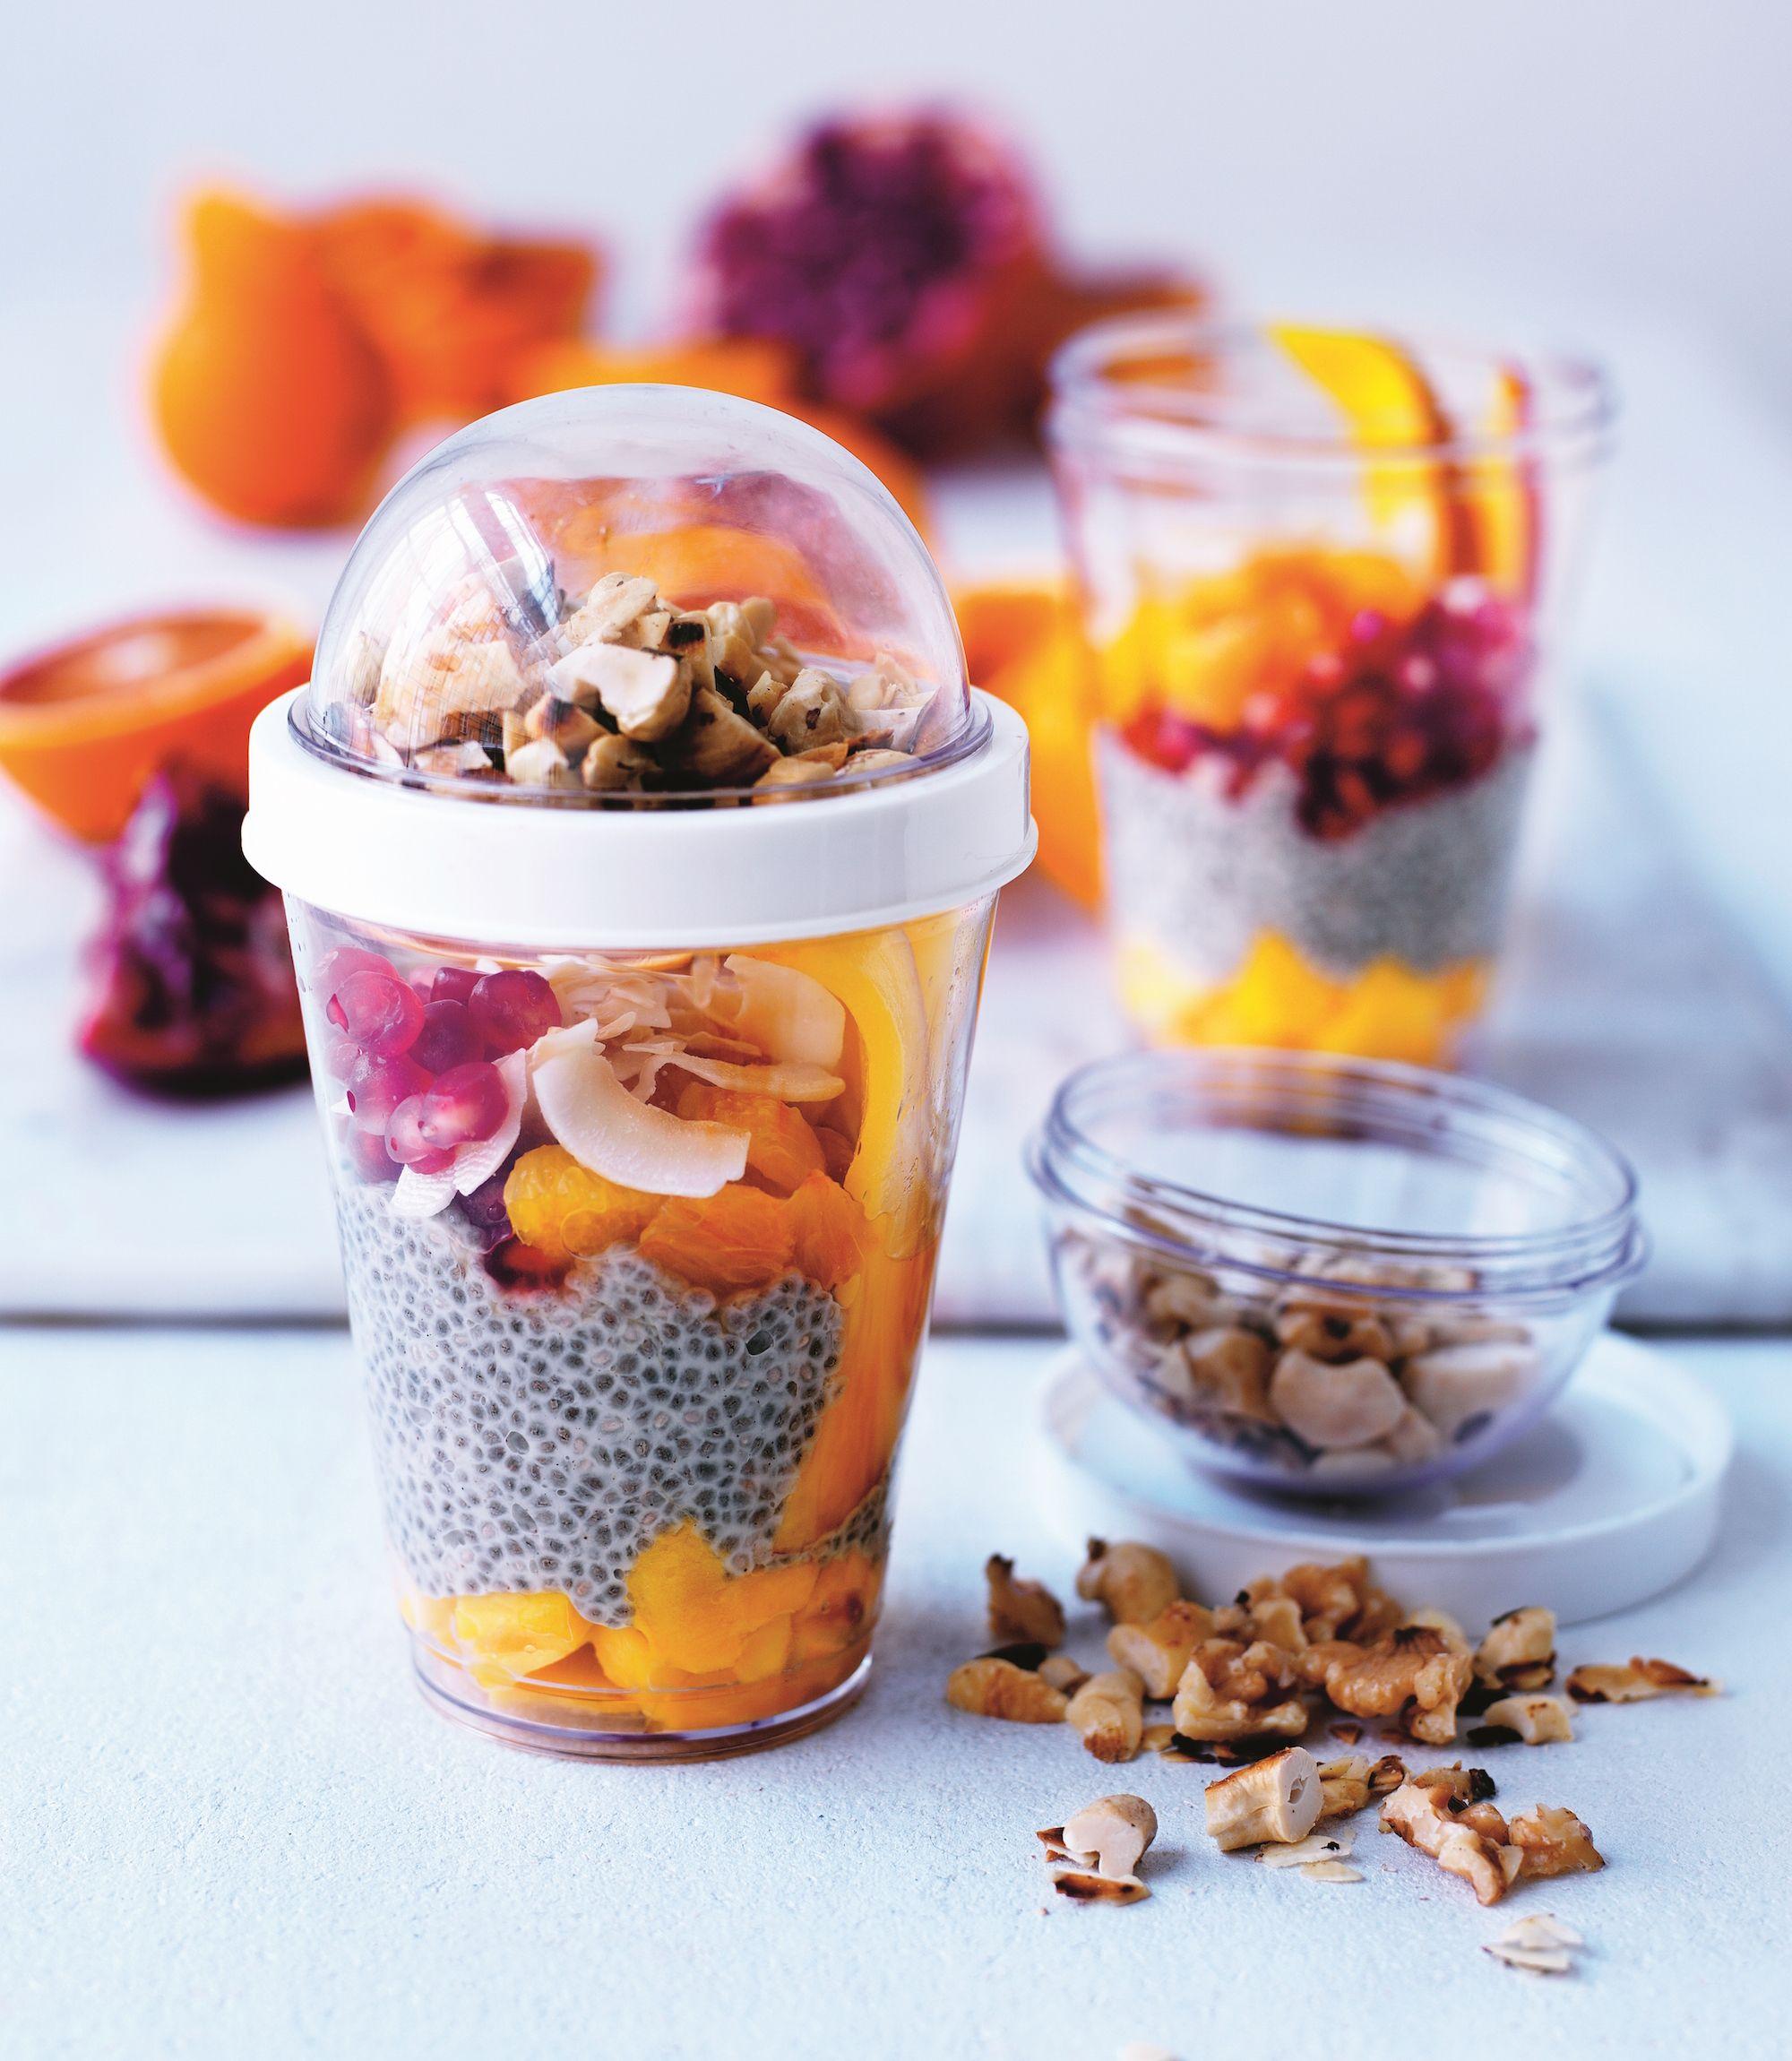 Kokeile tätä jos haluat aamiaisen, joka on hyvä, terveellinen ja helposti tehtävissä!